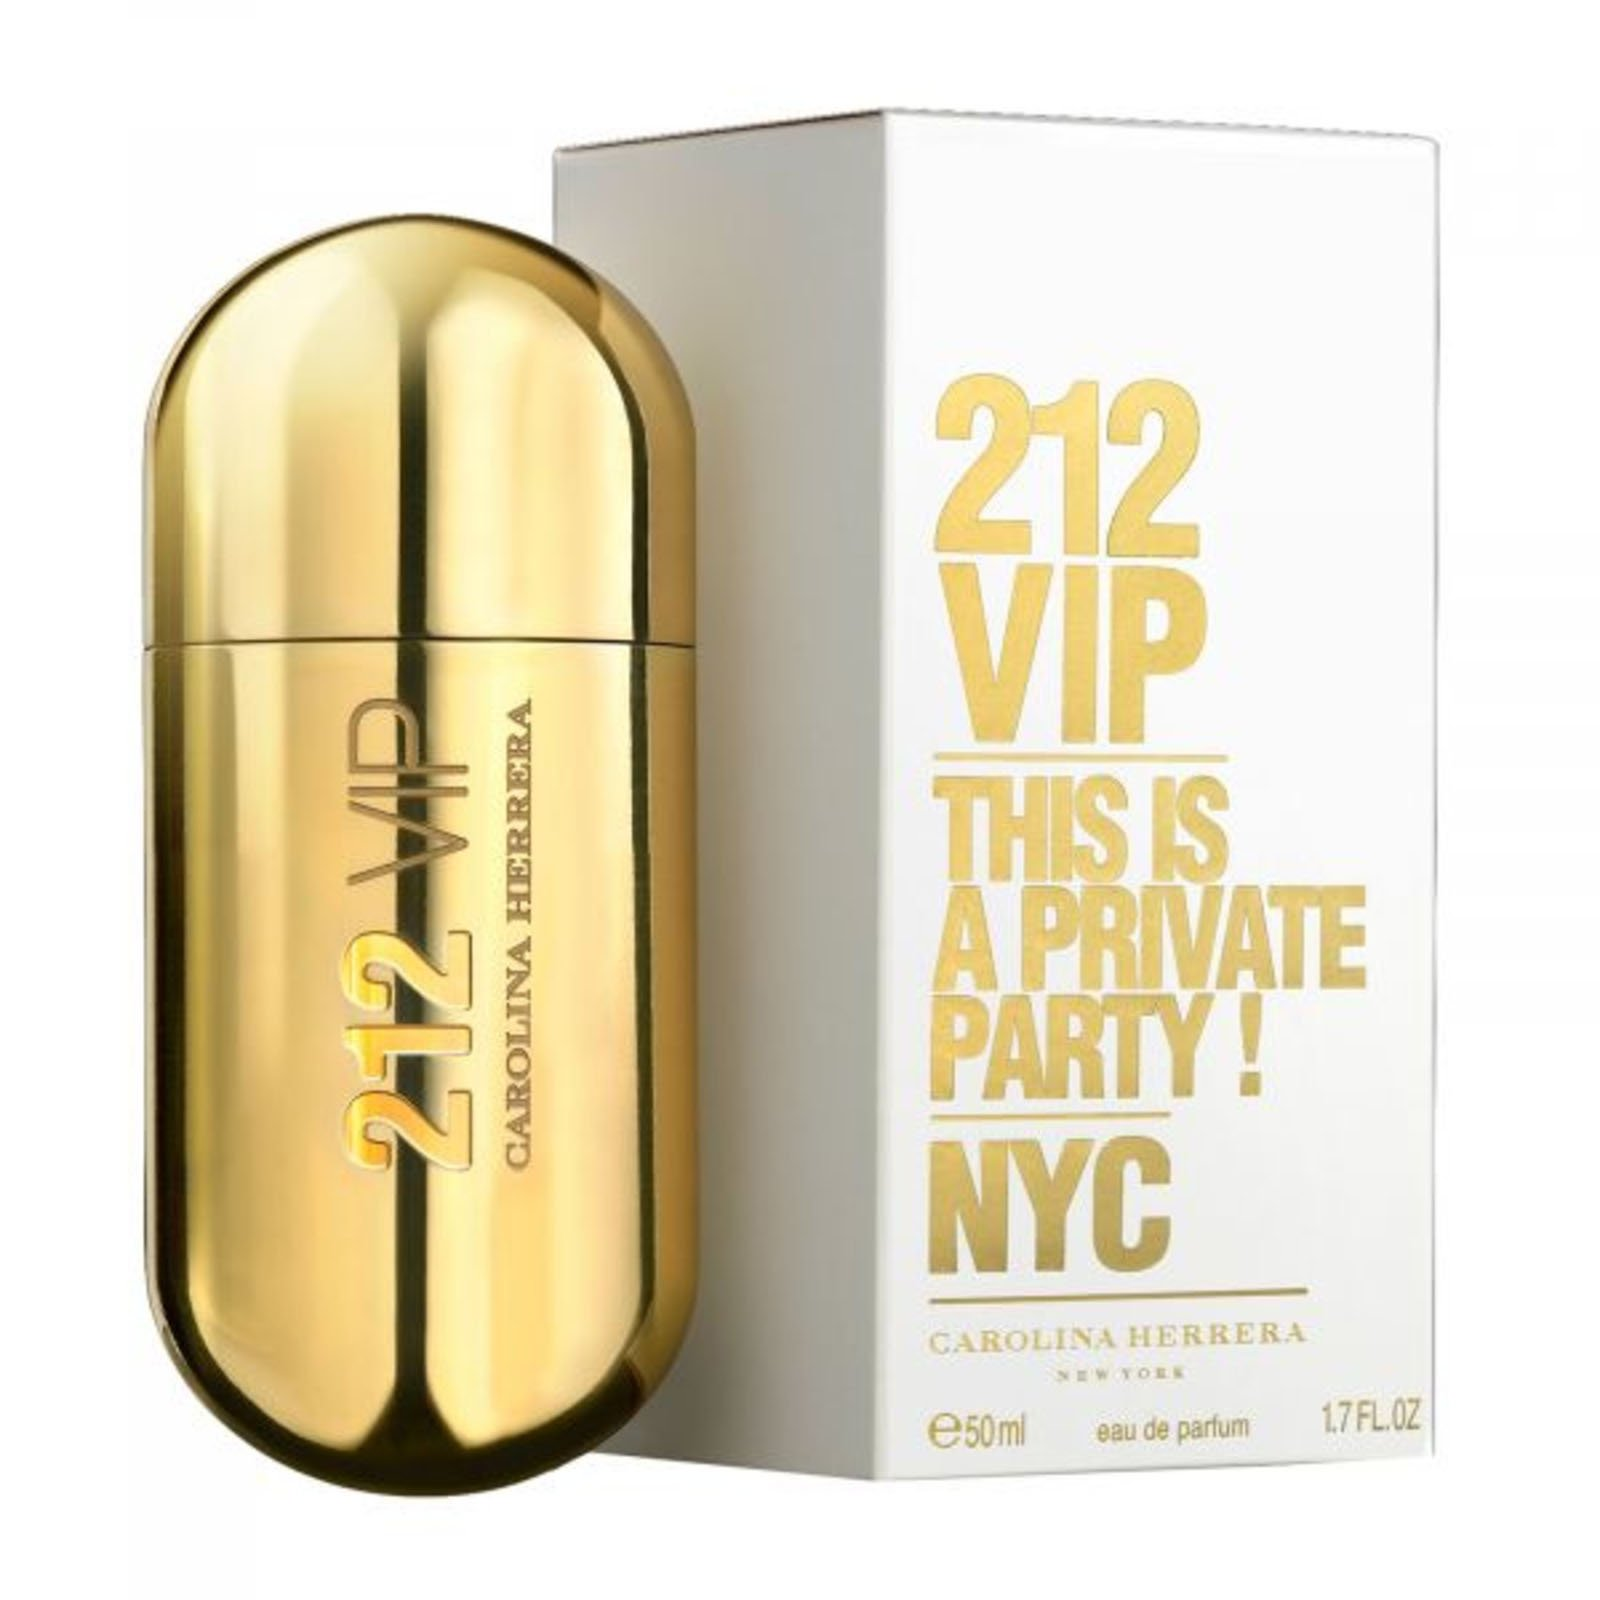 perfume carolina herrera 212 vip feminino edp 50 ml 6143 2000 203506